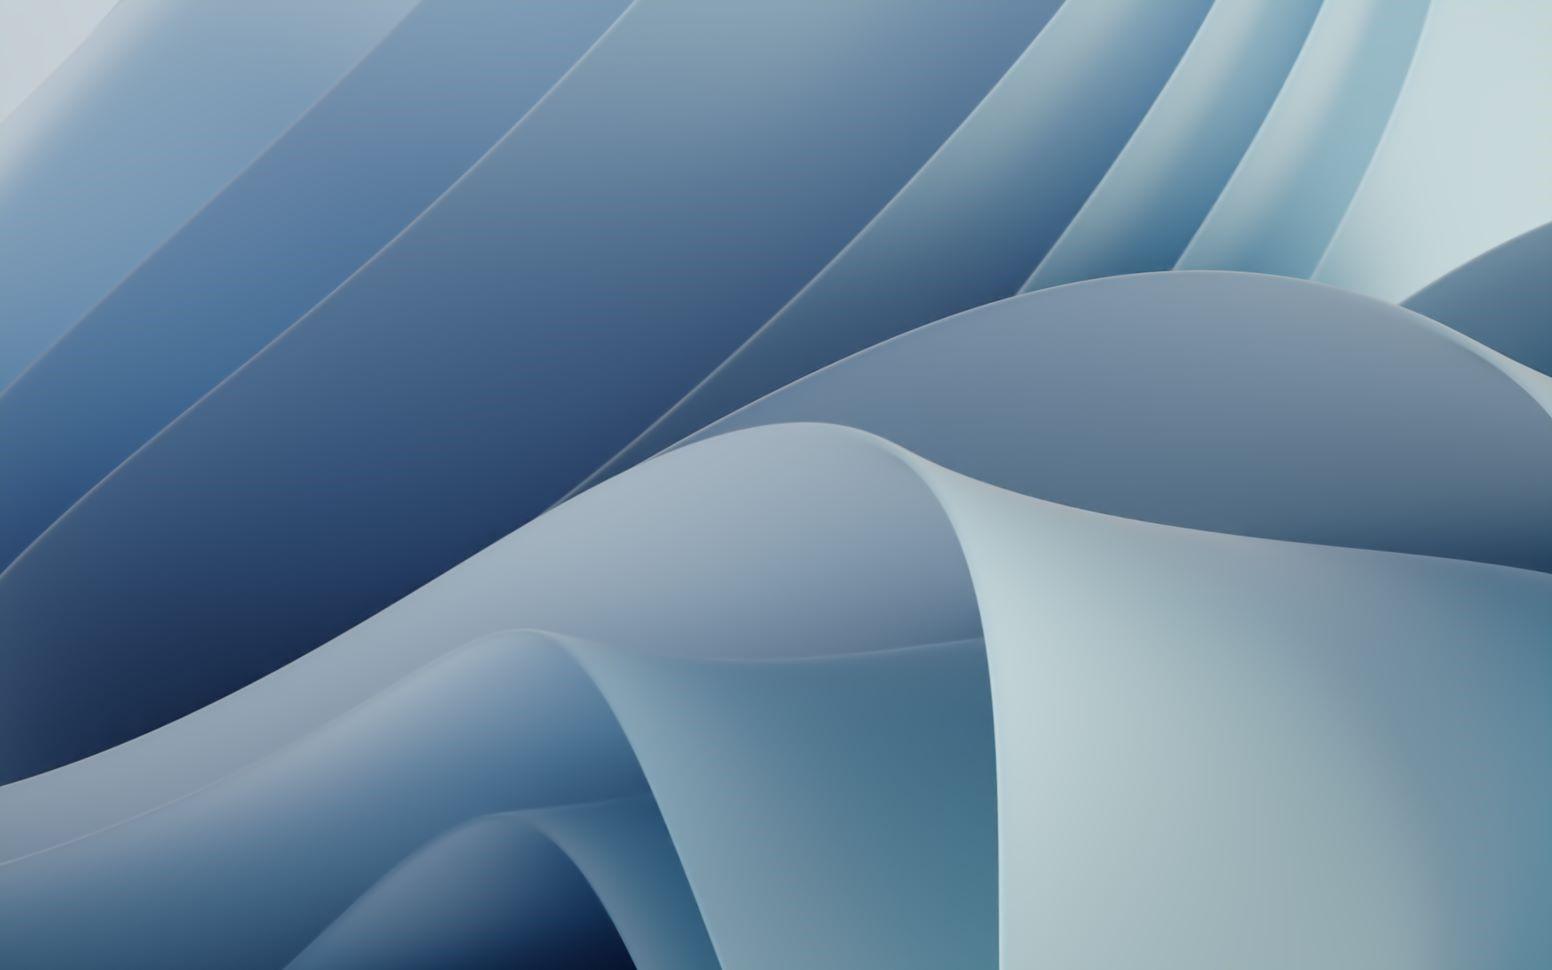 Windows 11 4K HD Wallpaper